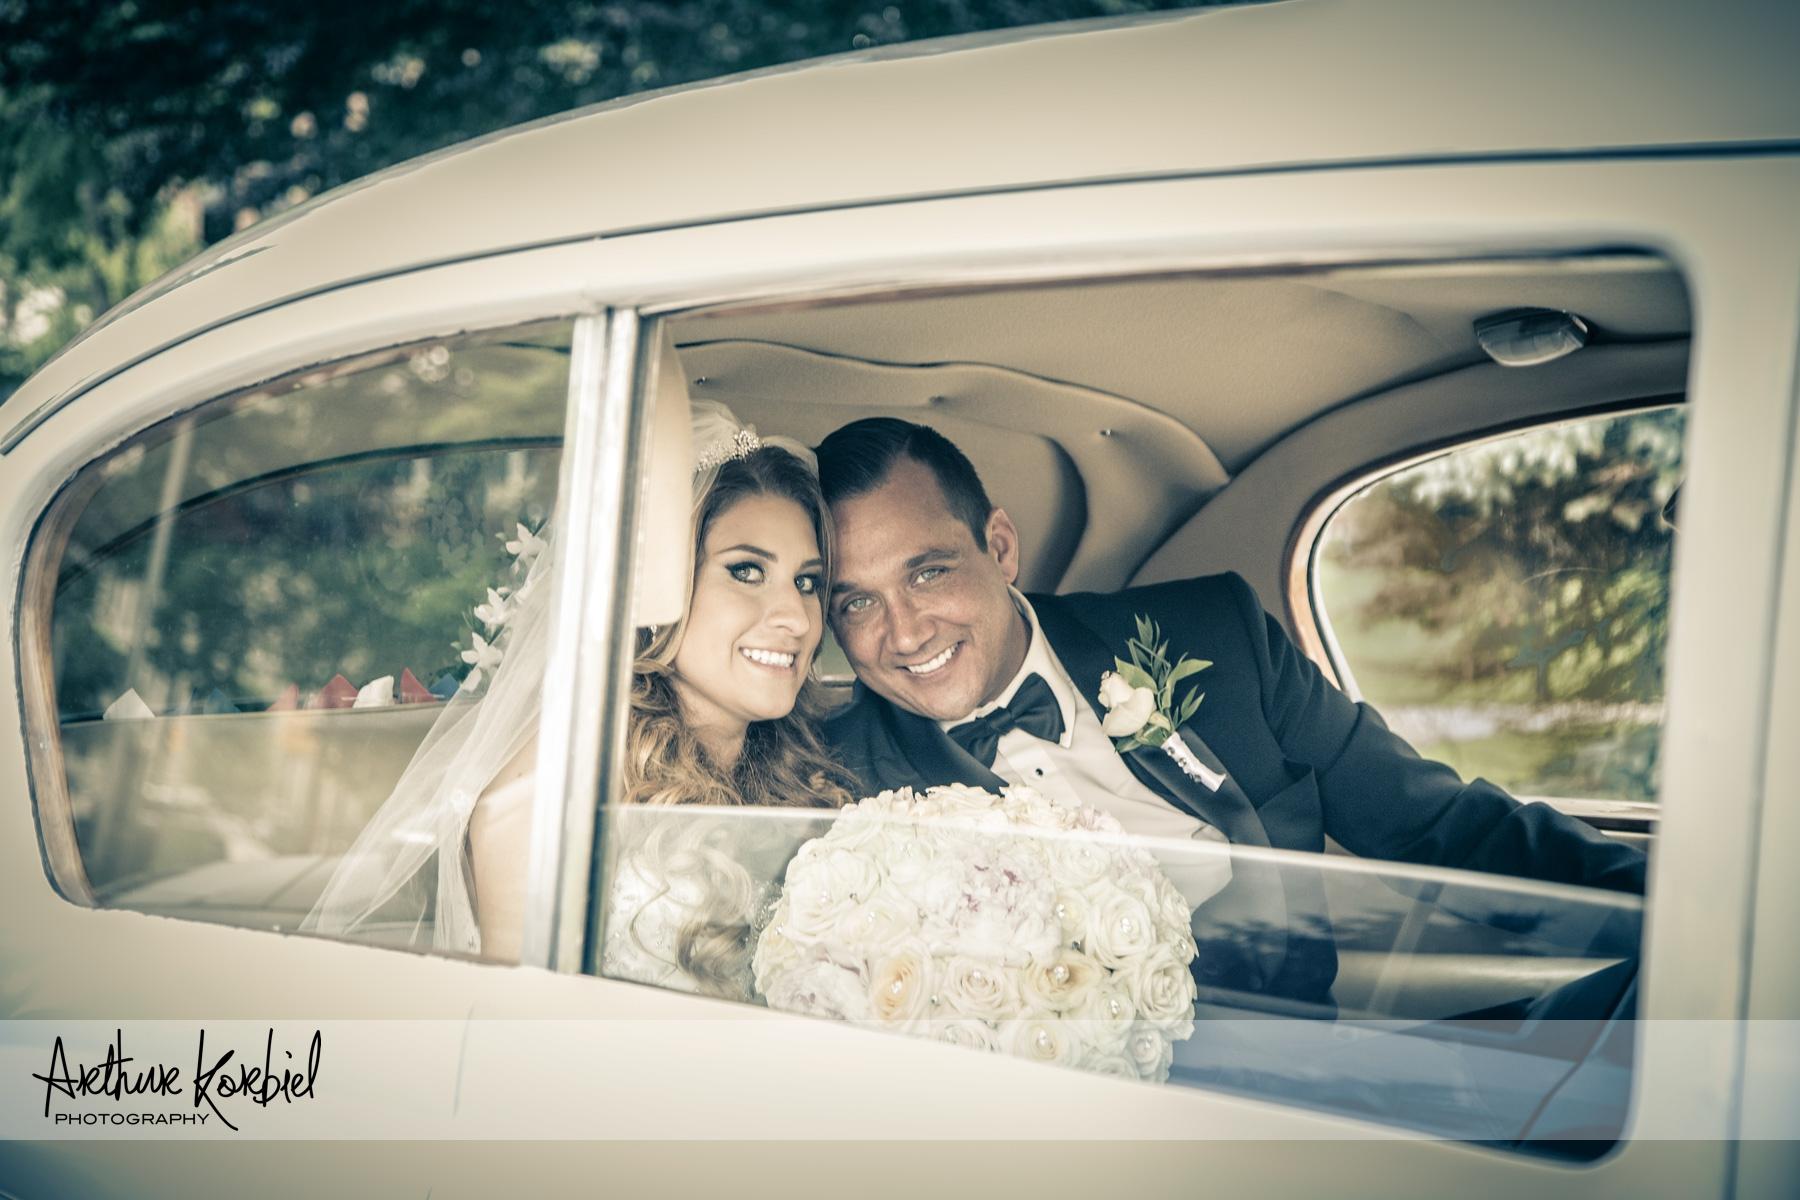 Arthur Korbiel Photography - London Wedding Photographer-020.jpg